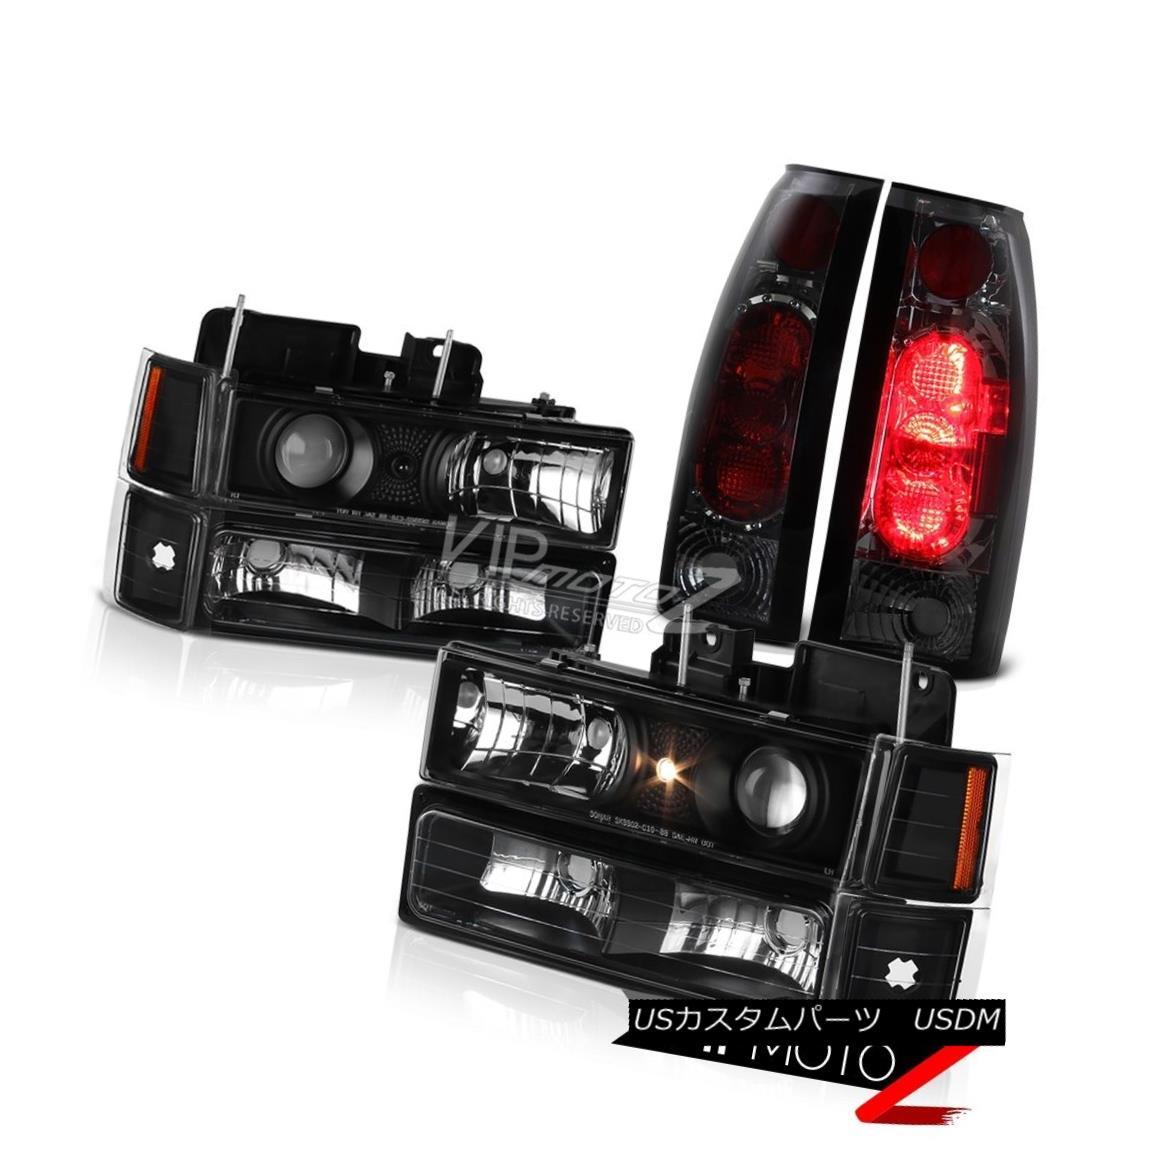 ヘッドライト Projector Headlight Corner Bumper Smoke Tail Light 94 95 96 97 98 Suburban Tahoe プロジェクターヘッドライトコーナーバンパー煙テールライト94 95 96 97 98郊外のタホ